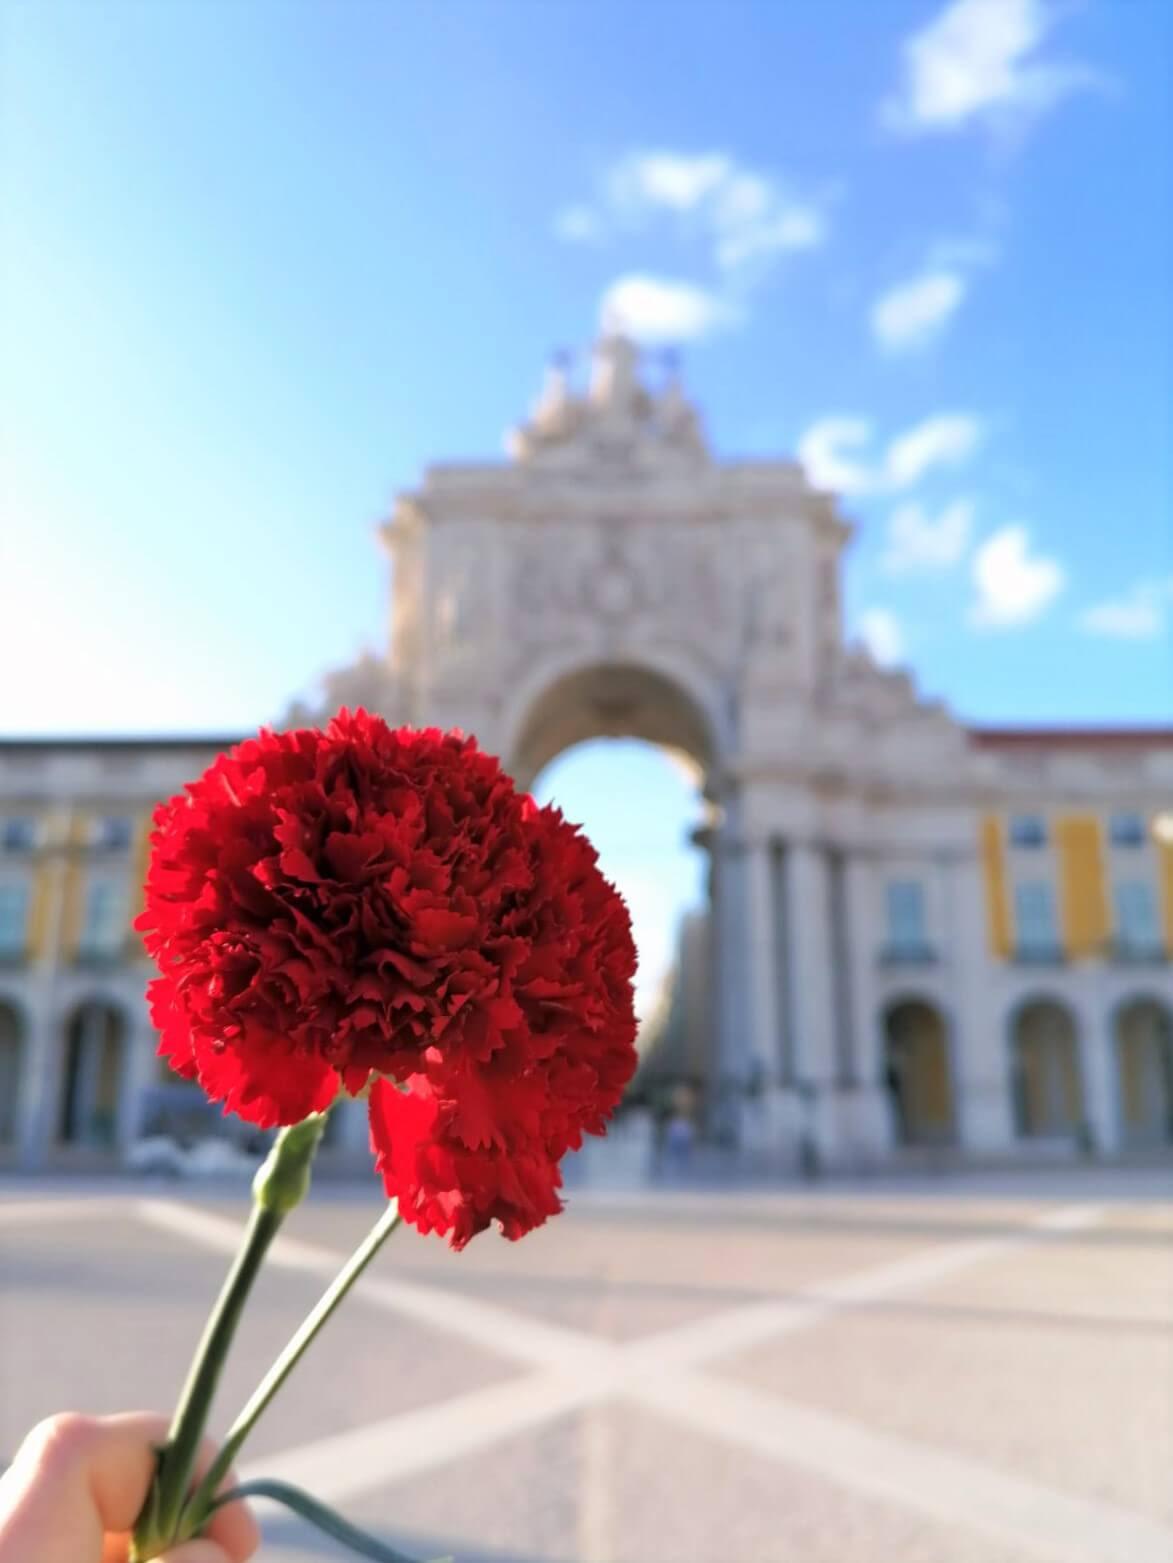 oeillet rouge symbole de la révolution du 25 avril dans la praça do comercio